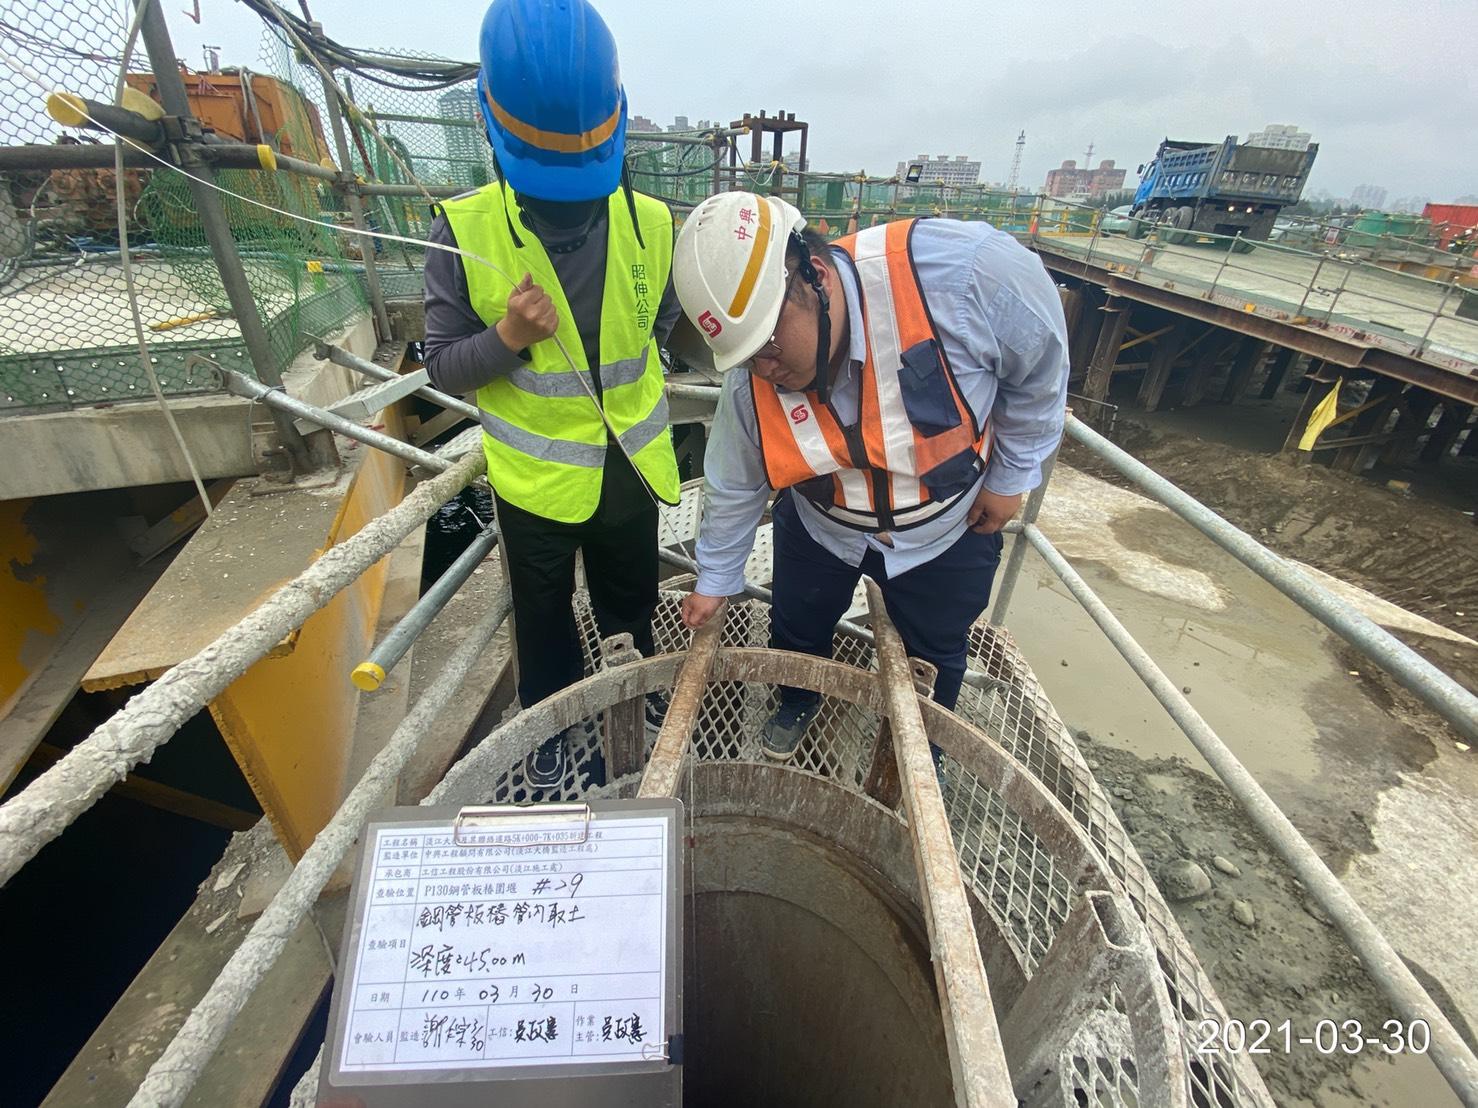 河中段圍堰鋼管鈑樁管內取土深度查驗作業.